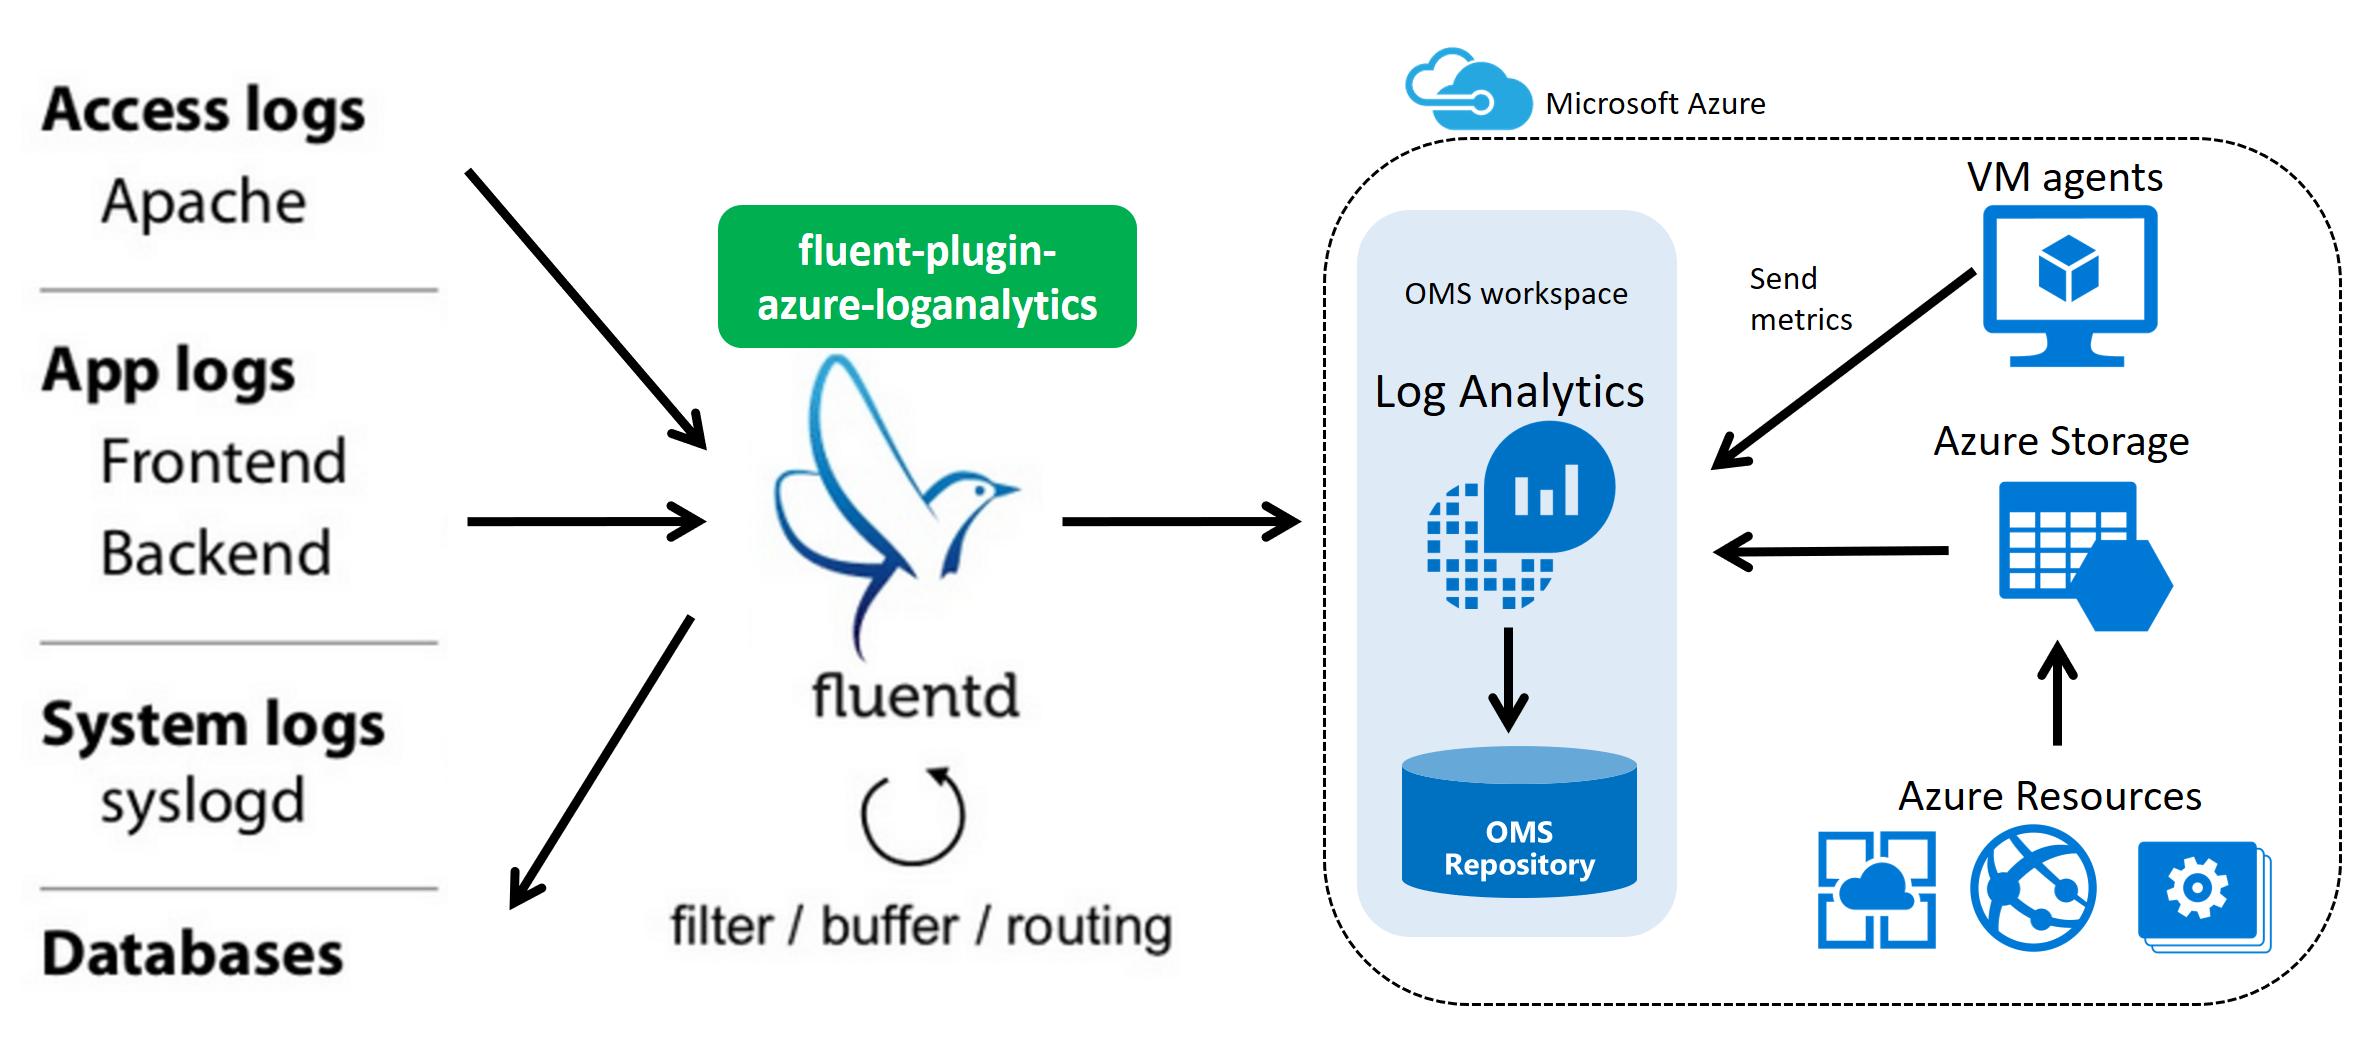 fluent-plugin-azure-loganalytics overview